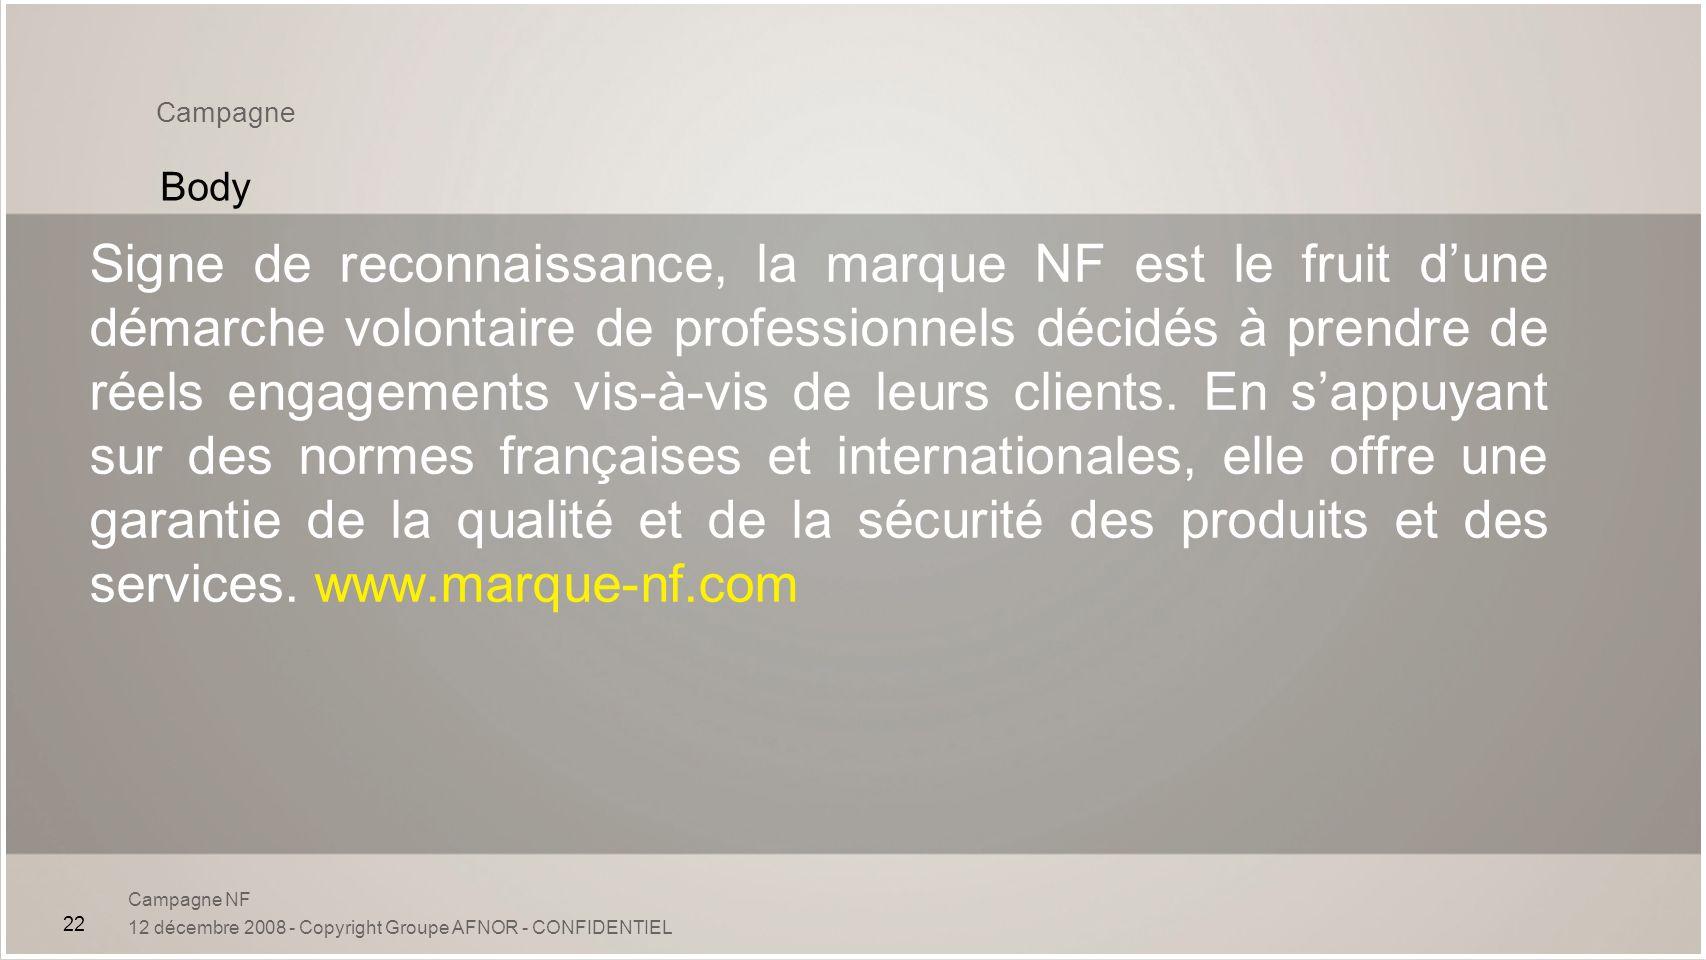 Campagne NF 12 décembre 2008 - Copyright Groupe AFNOR - CONFIDENTIEL 22 Campagne Body Signe de reconnaissance, la marque NF est le fruit dune démarche